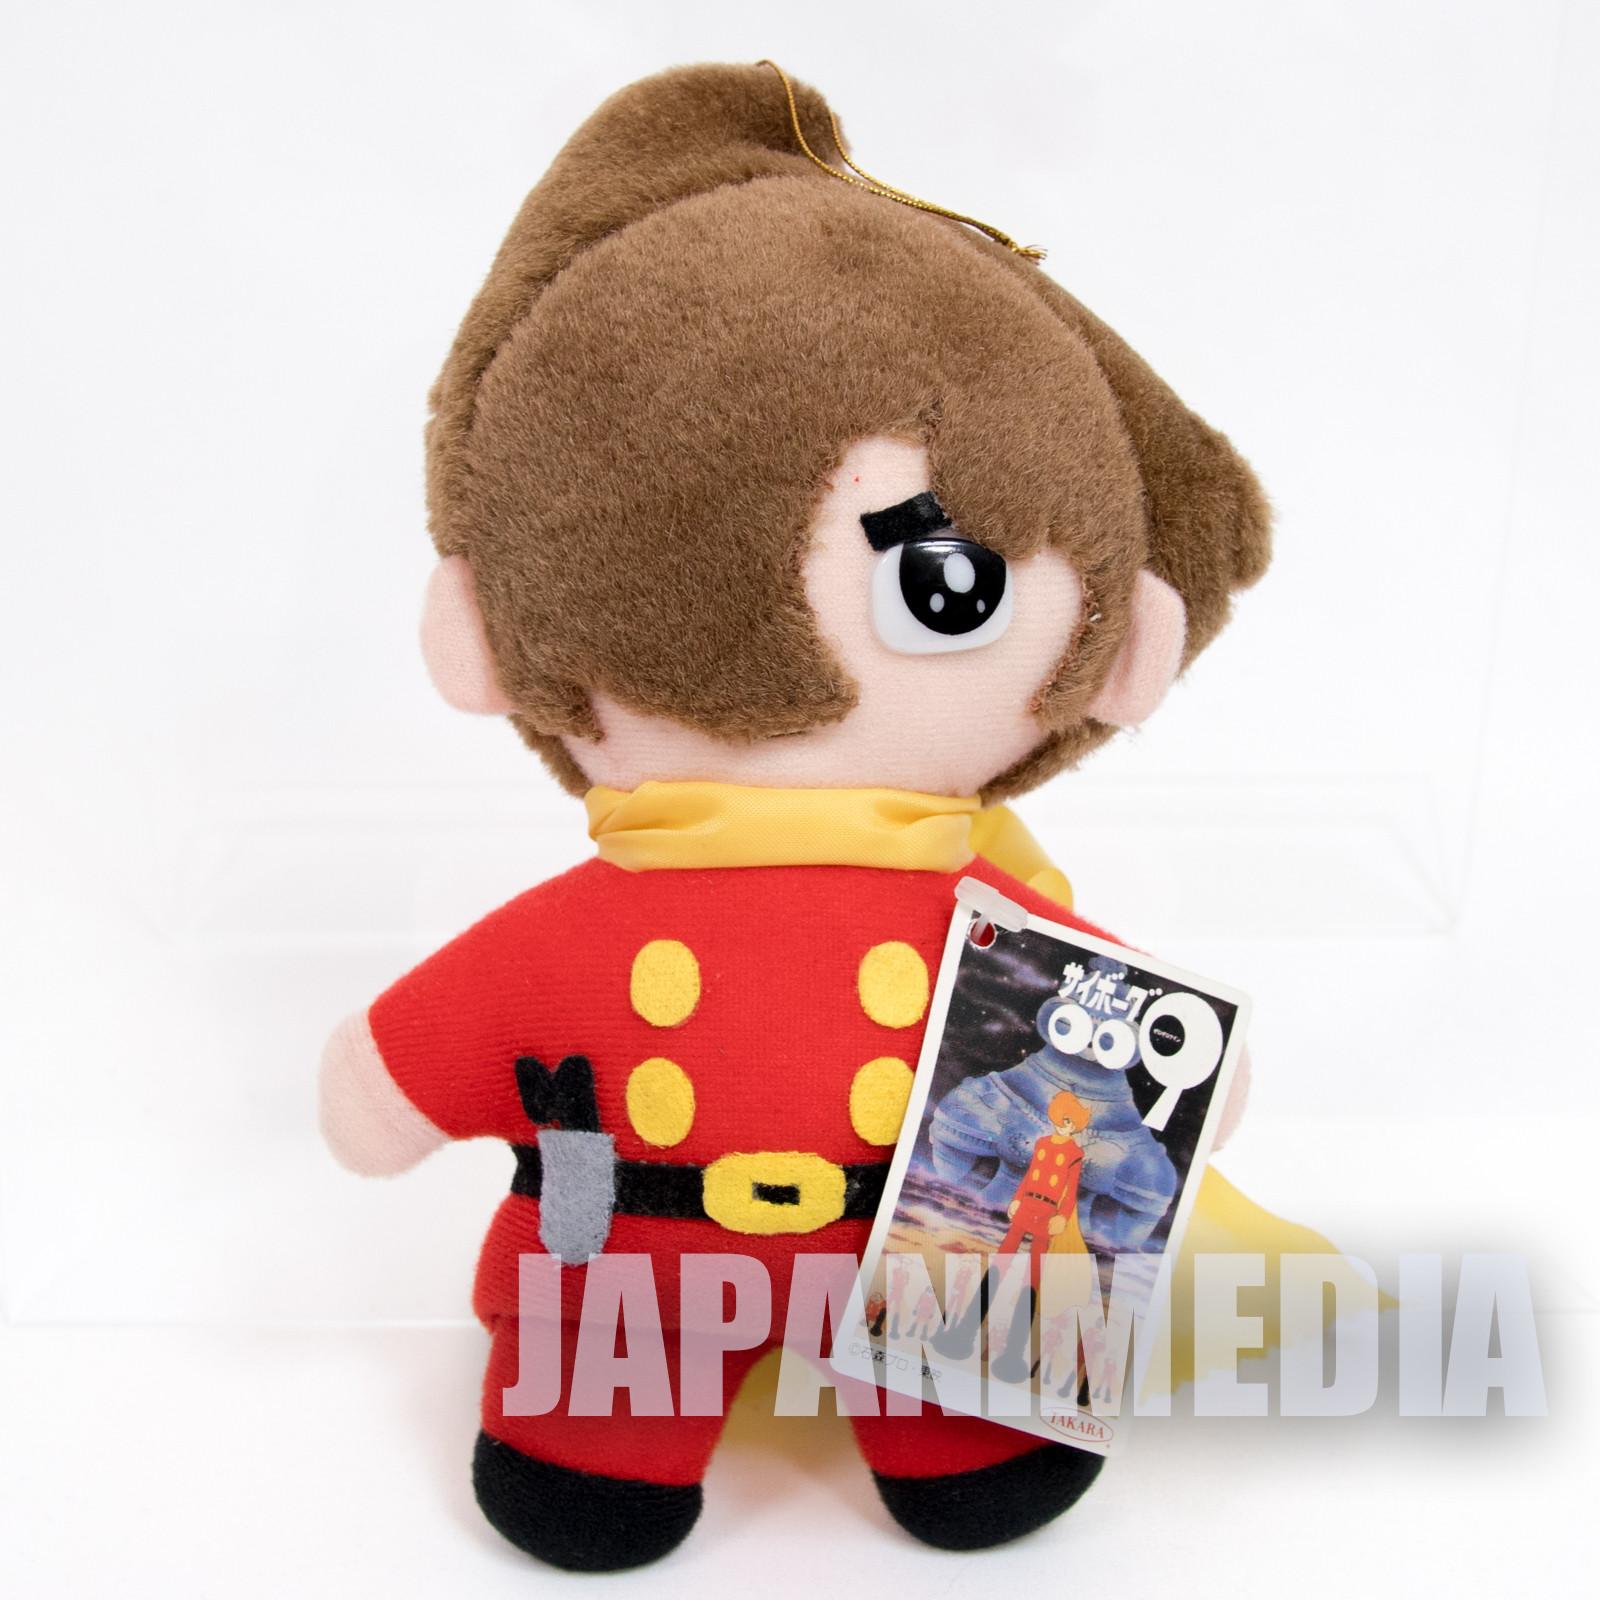 Cyborg 009 Joe Shimamura Plush Doll TAKARA JAPAN ANIME